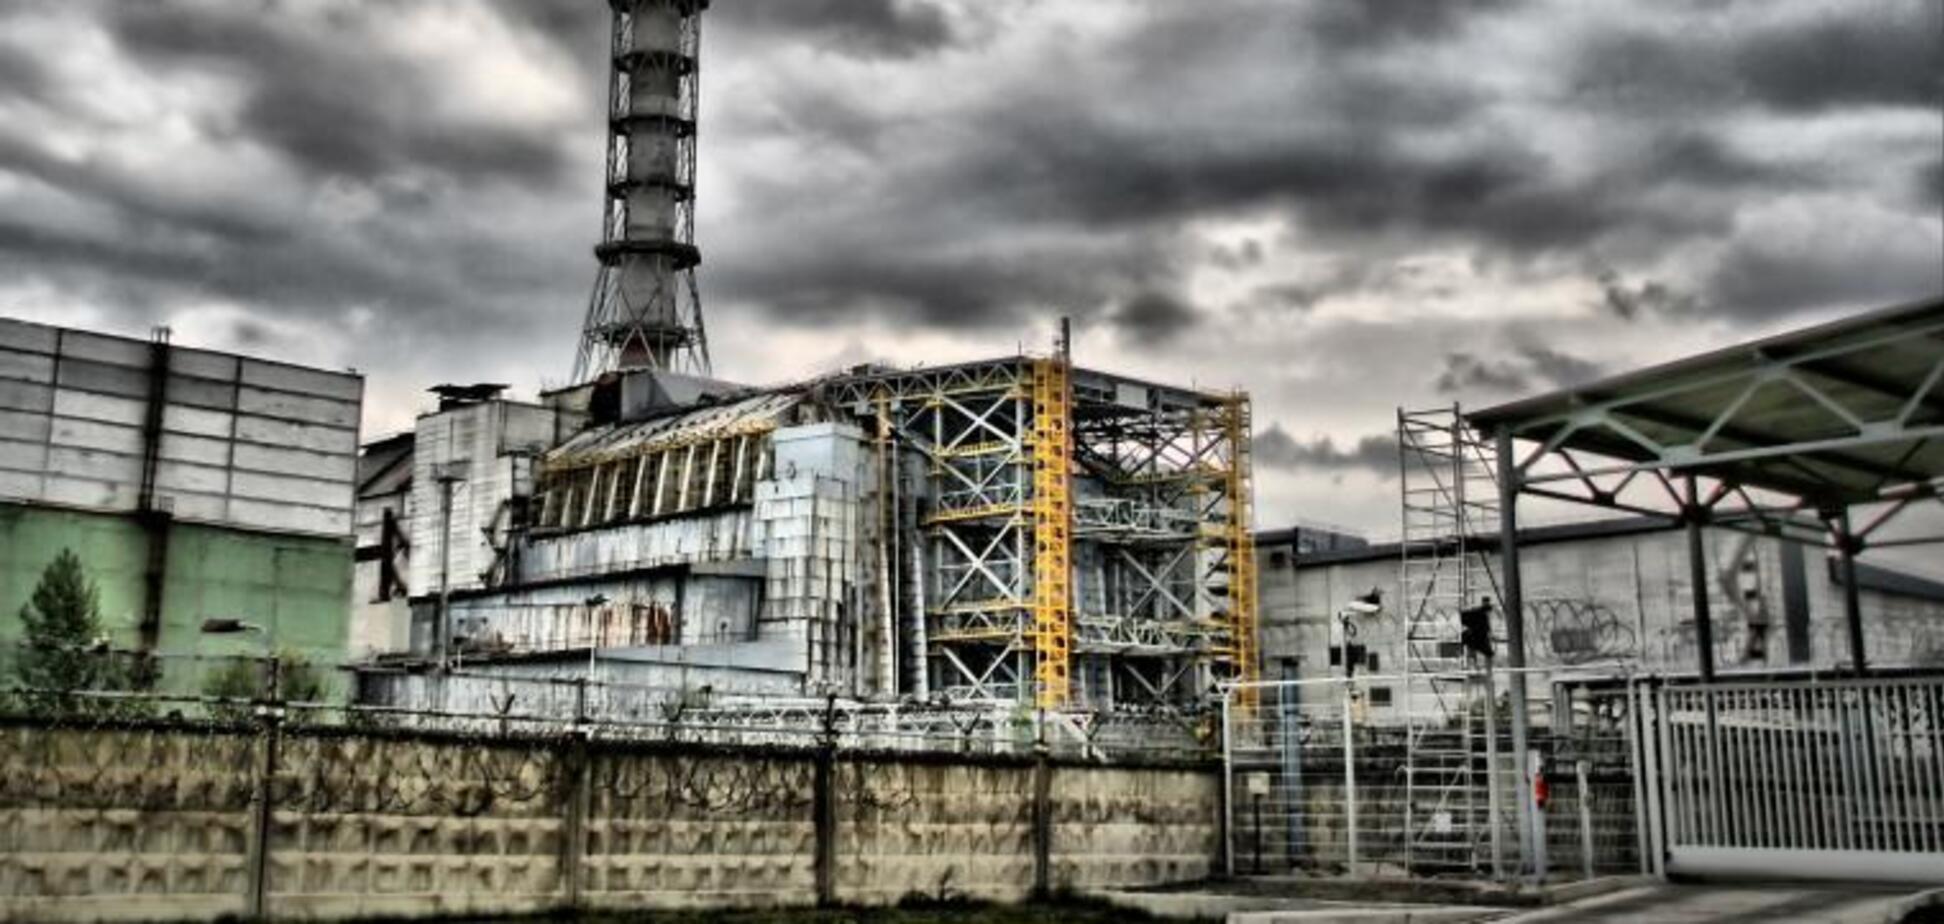 Уже 32 года Чернобыль стоит в повестке дня